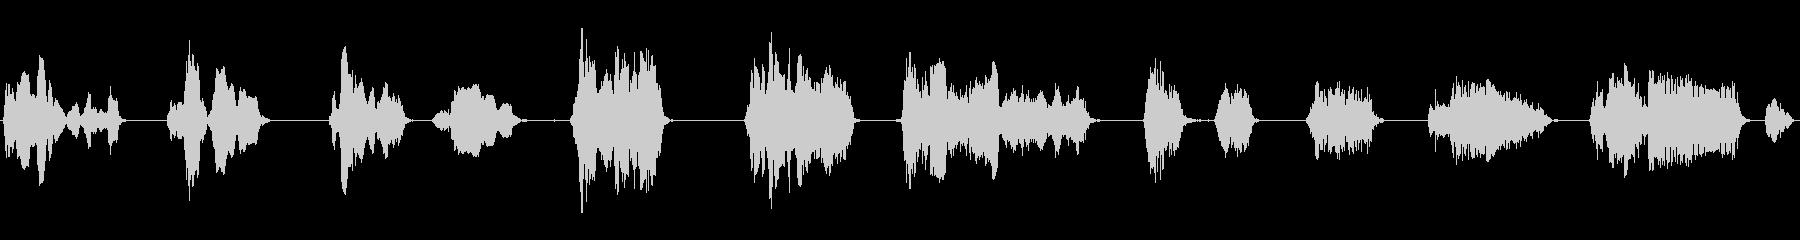 男性:大きな苦しみの声の未再生の波形